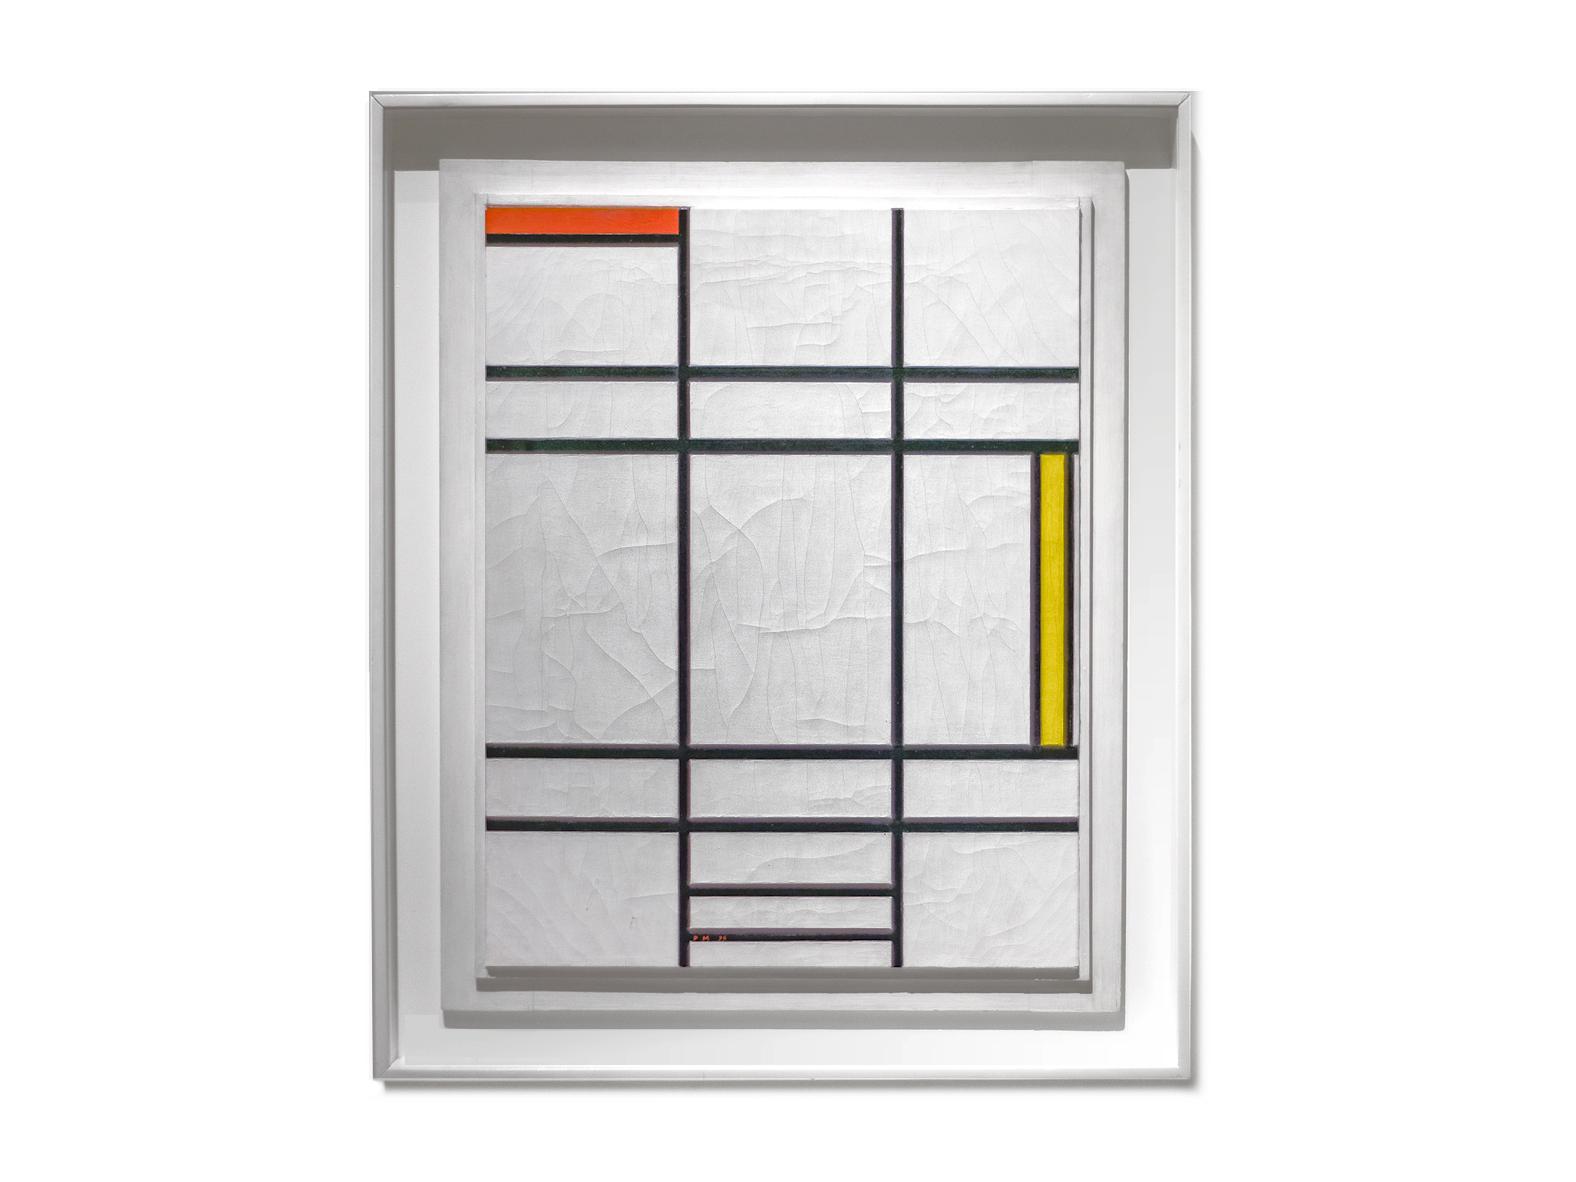 Benoit-Delaunay-artiste-dessin-2014-Hey-Piet-02